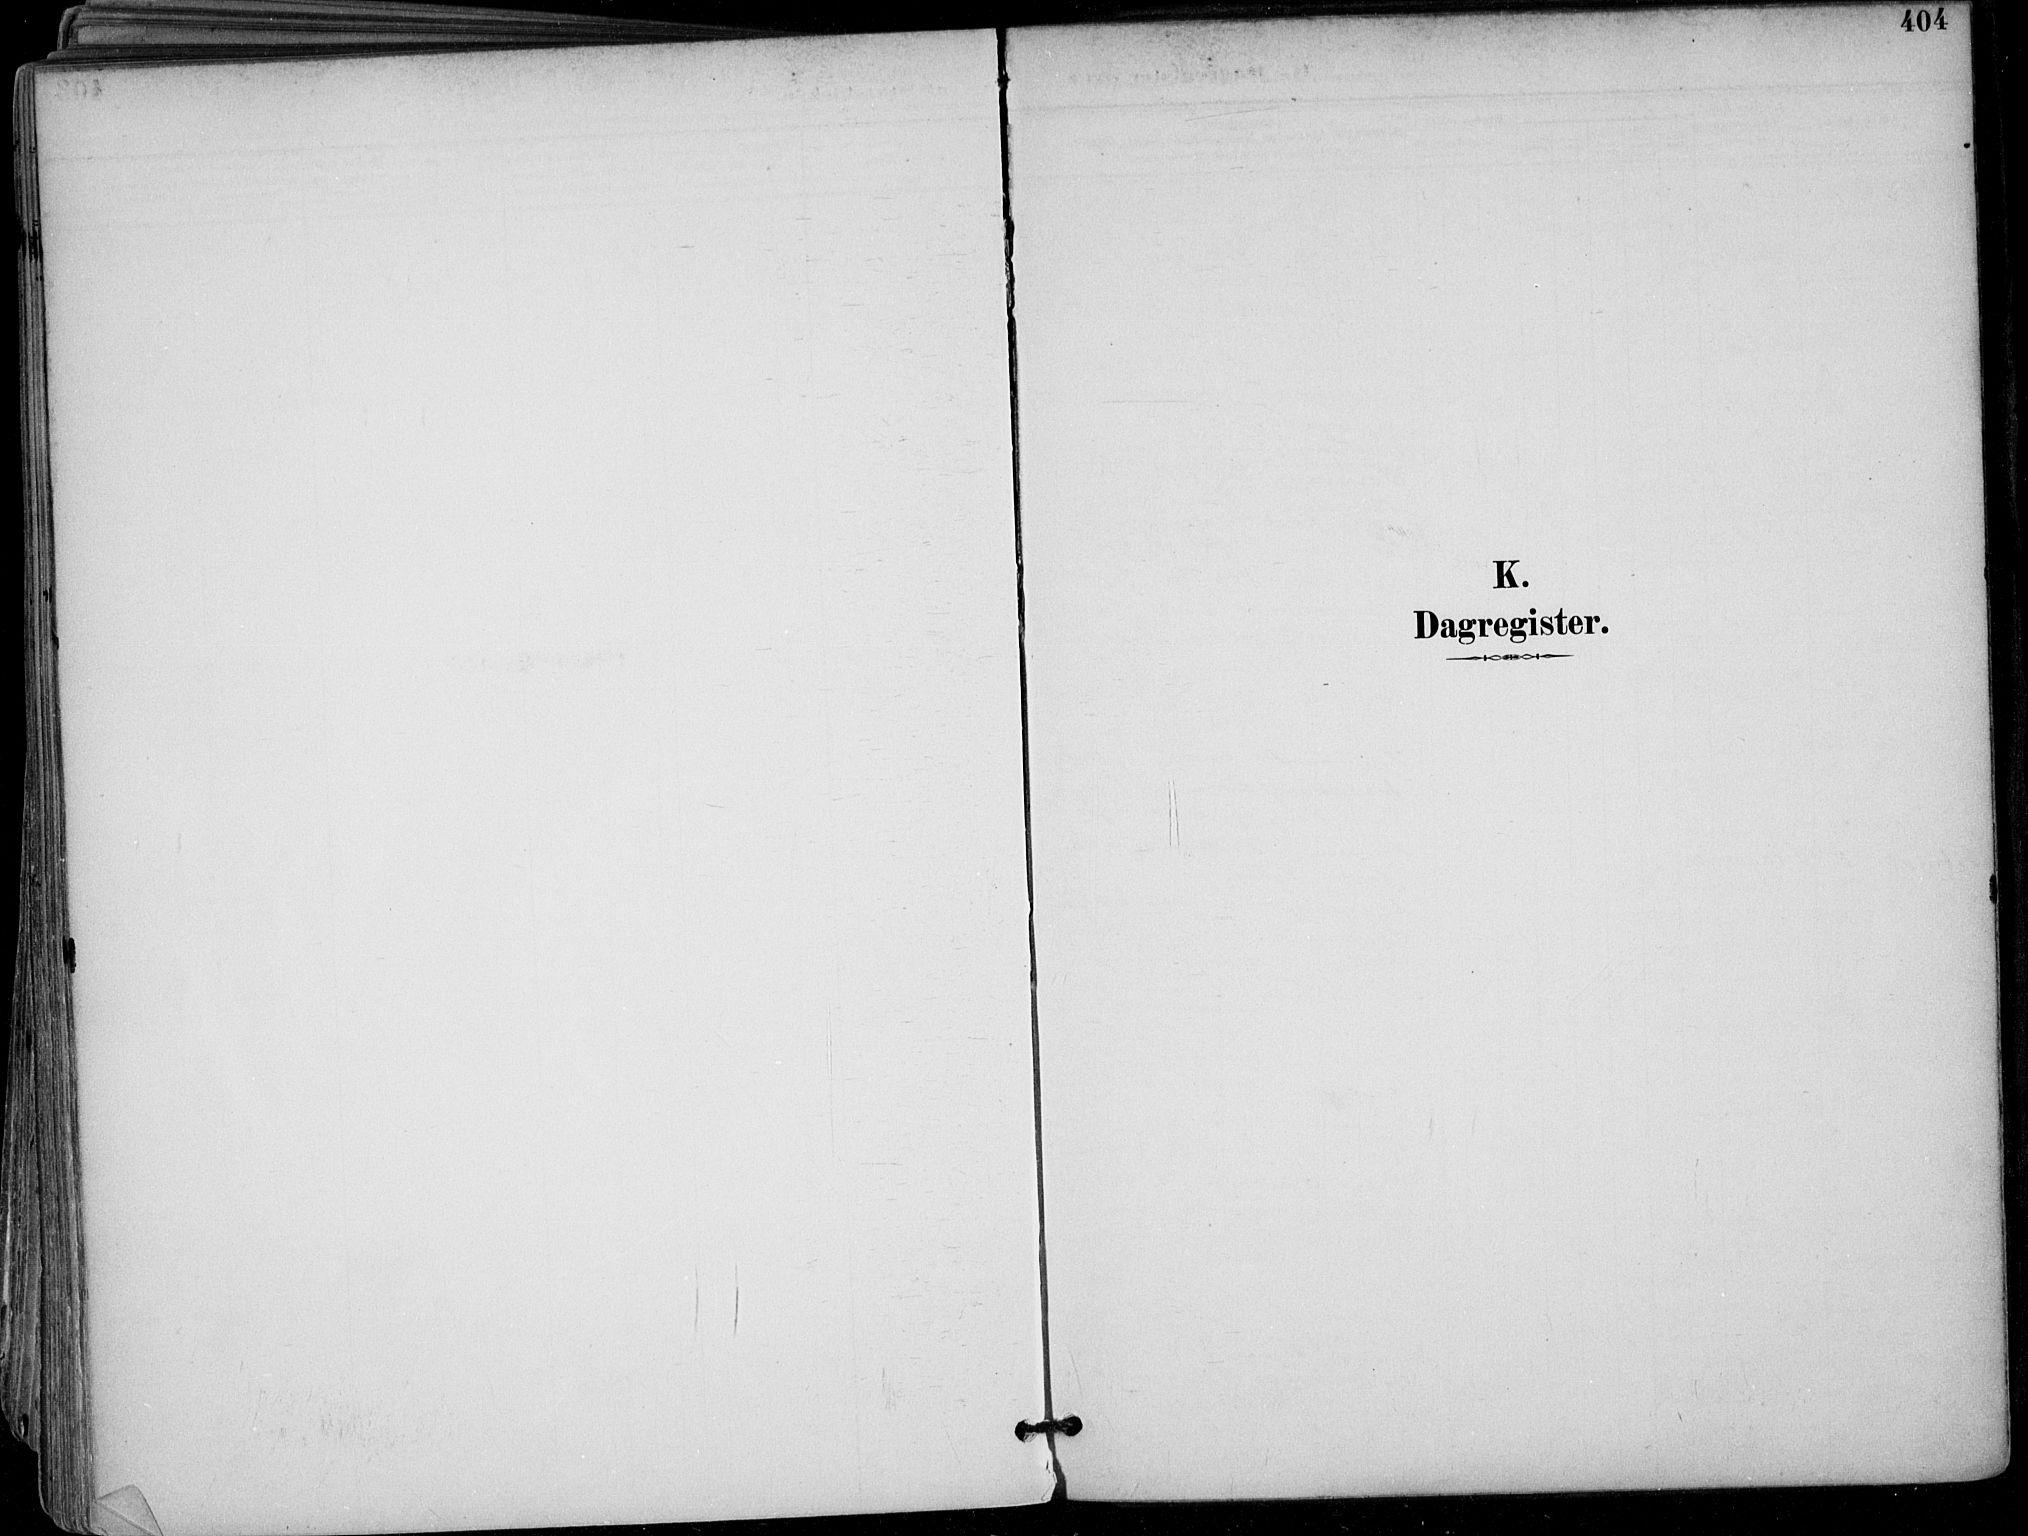 SAKO, Skien kirkebøker, F/Fa/L0010: Ministerialbok nr. 10, 1891-1899, s. 404